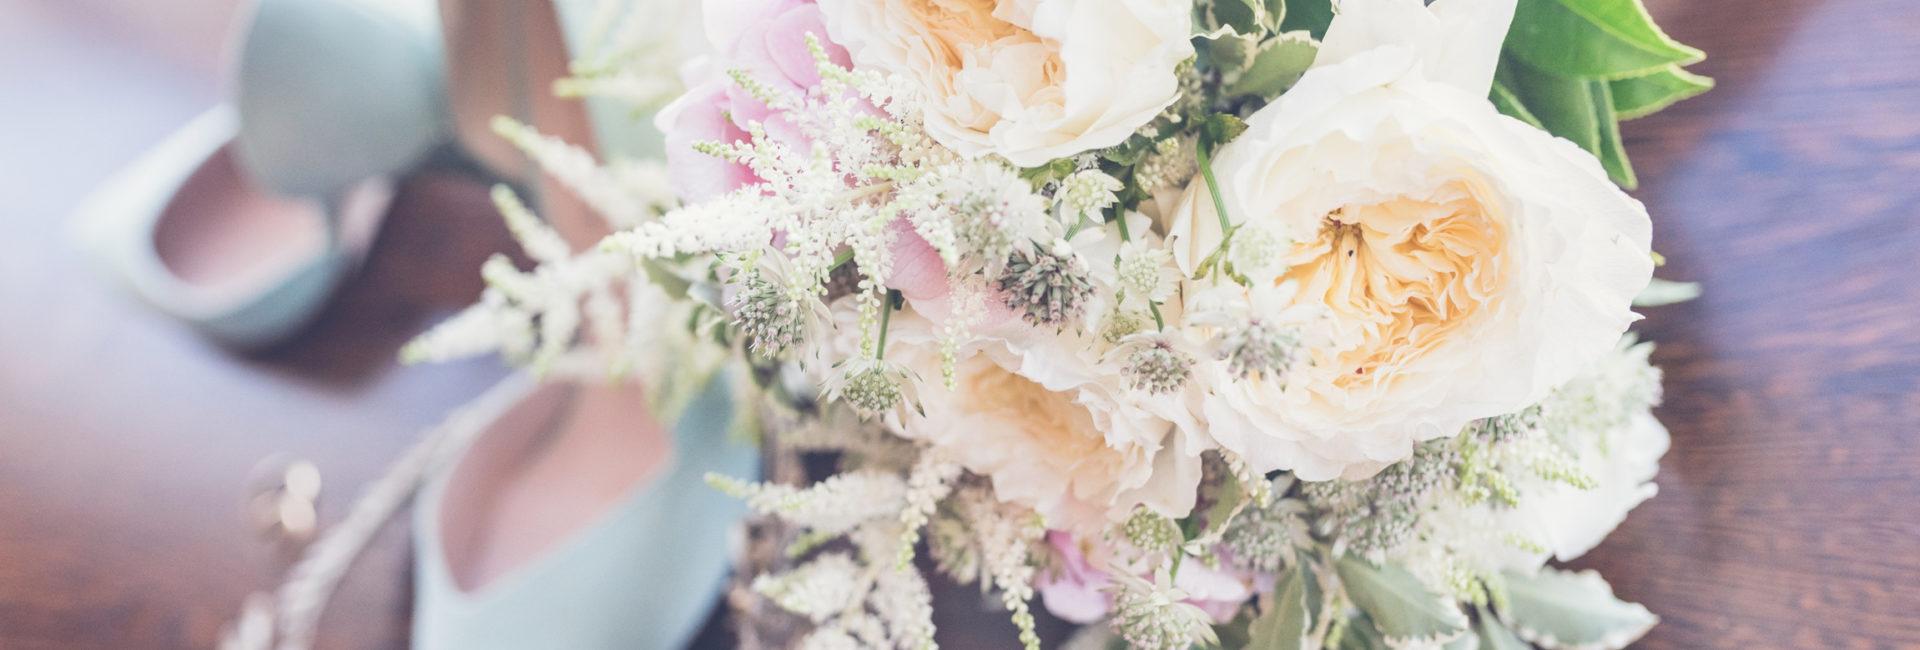 Ramo de novia con flores blancas y rosas - Atrezo Floristas